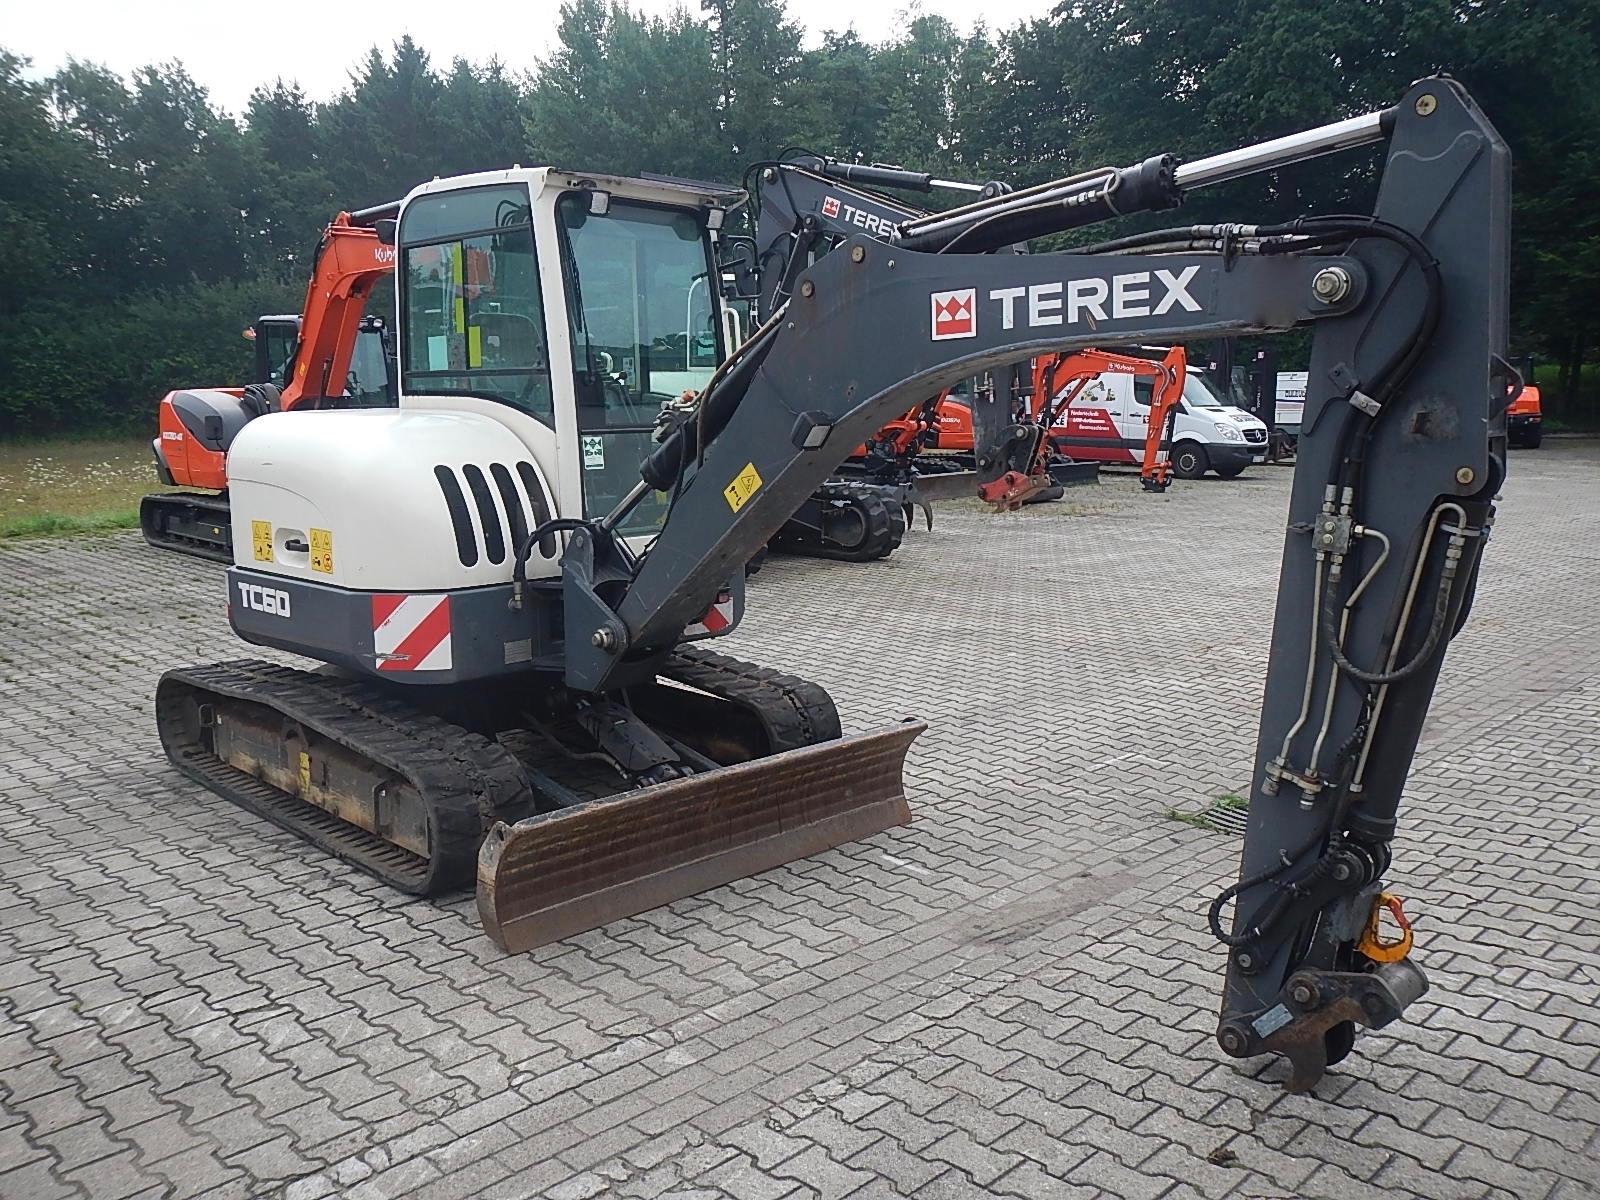 2012 - Terex TC60